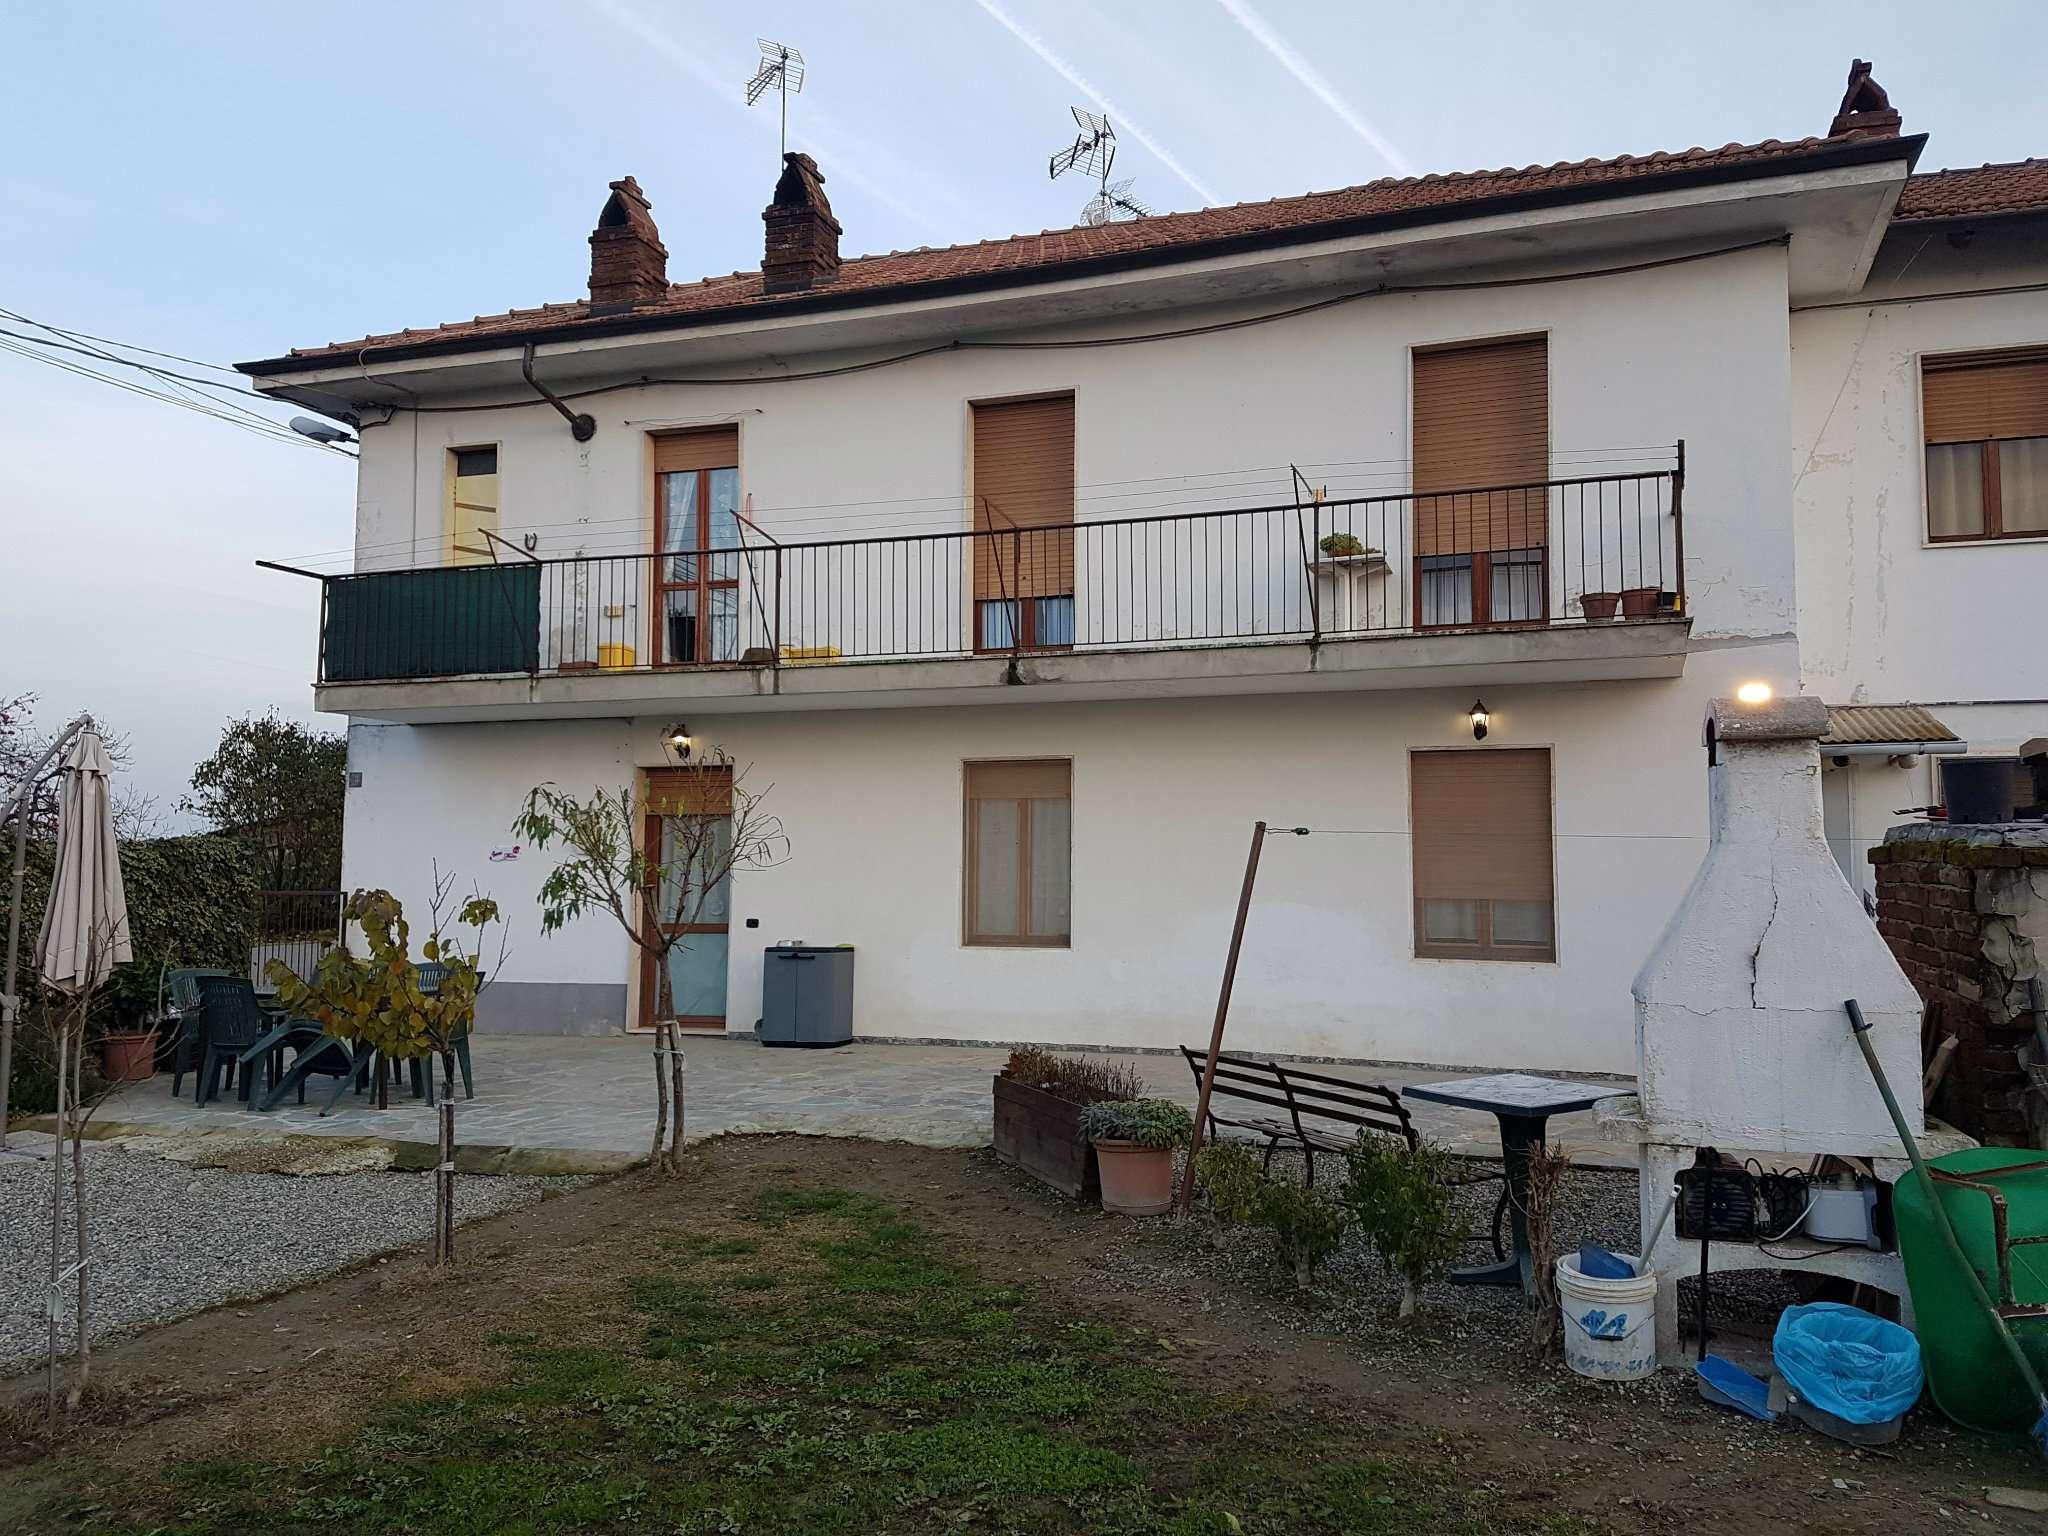 Soluzione Semindipendente in vendita a Cocconato, 6 locali, prezzo € 105.000   PortaleAgenzieImmobiliari.it